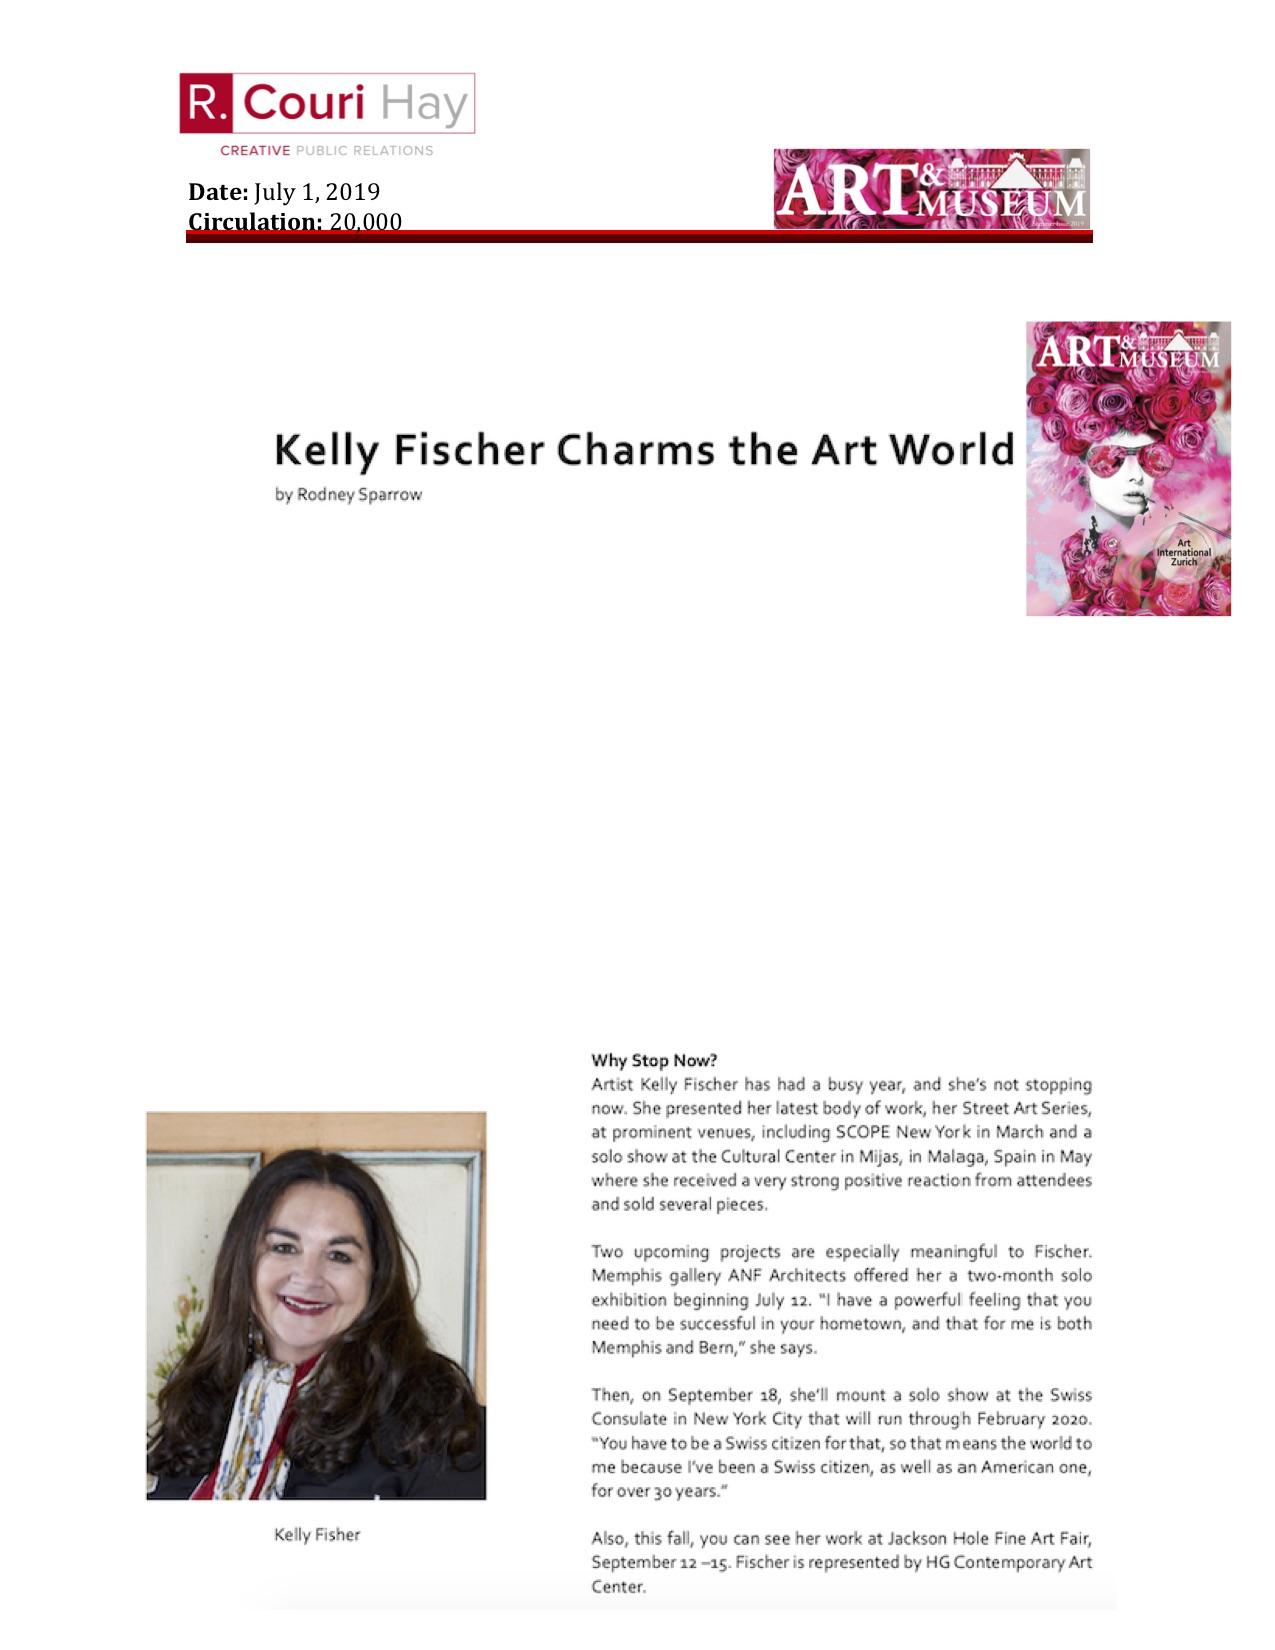 Art & Museum Magazine_07.01.19.jpg